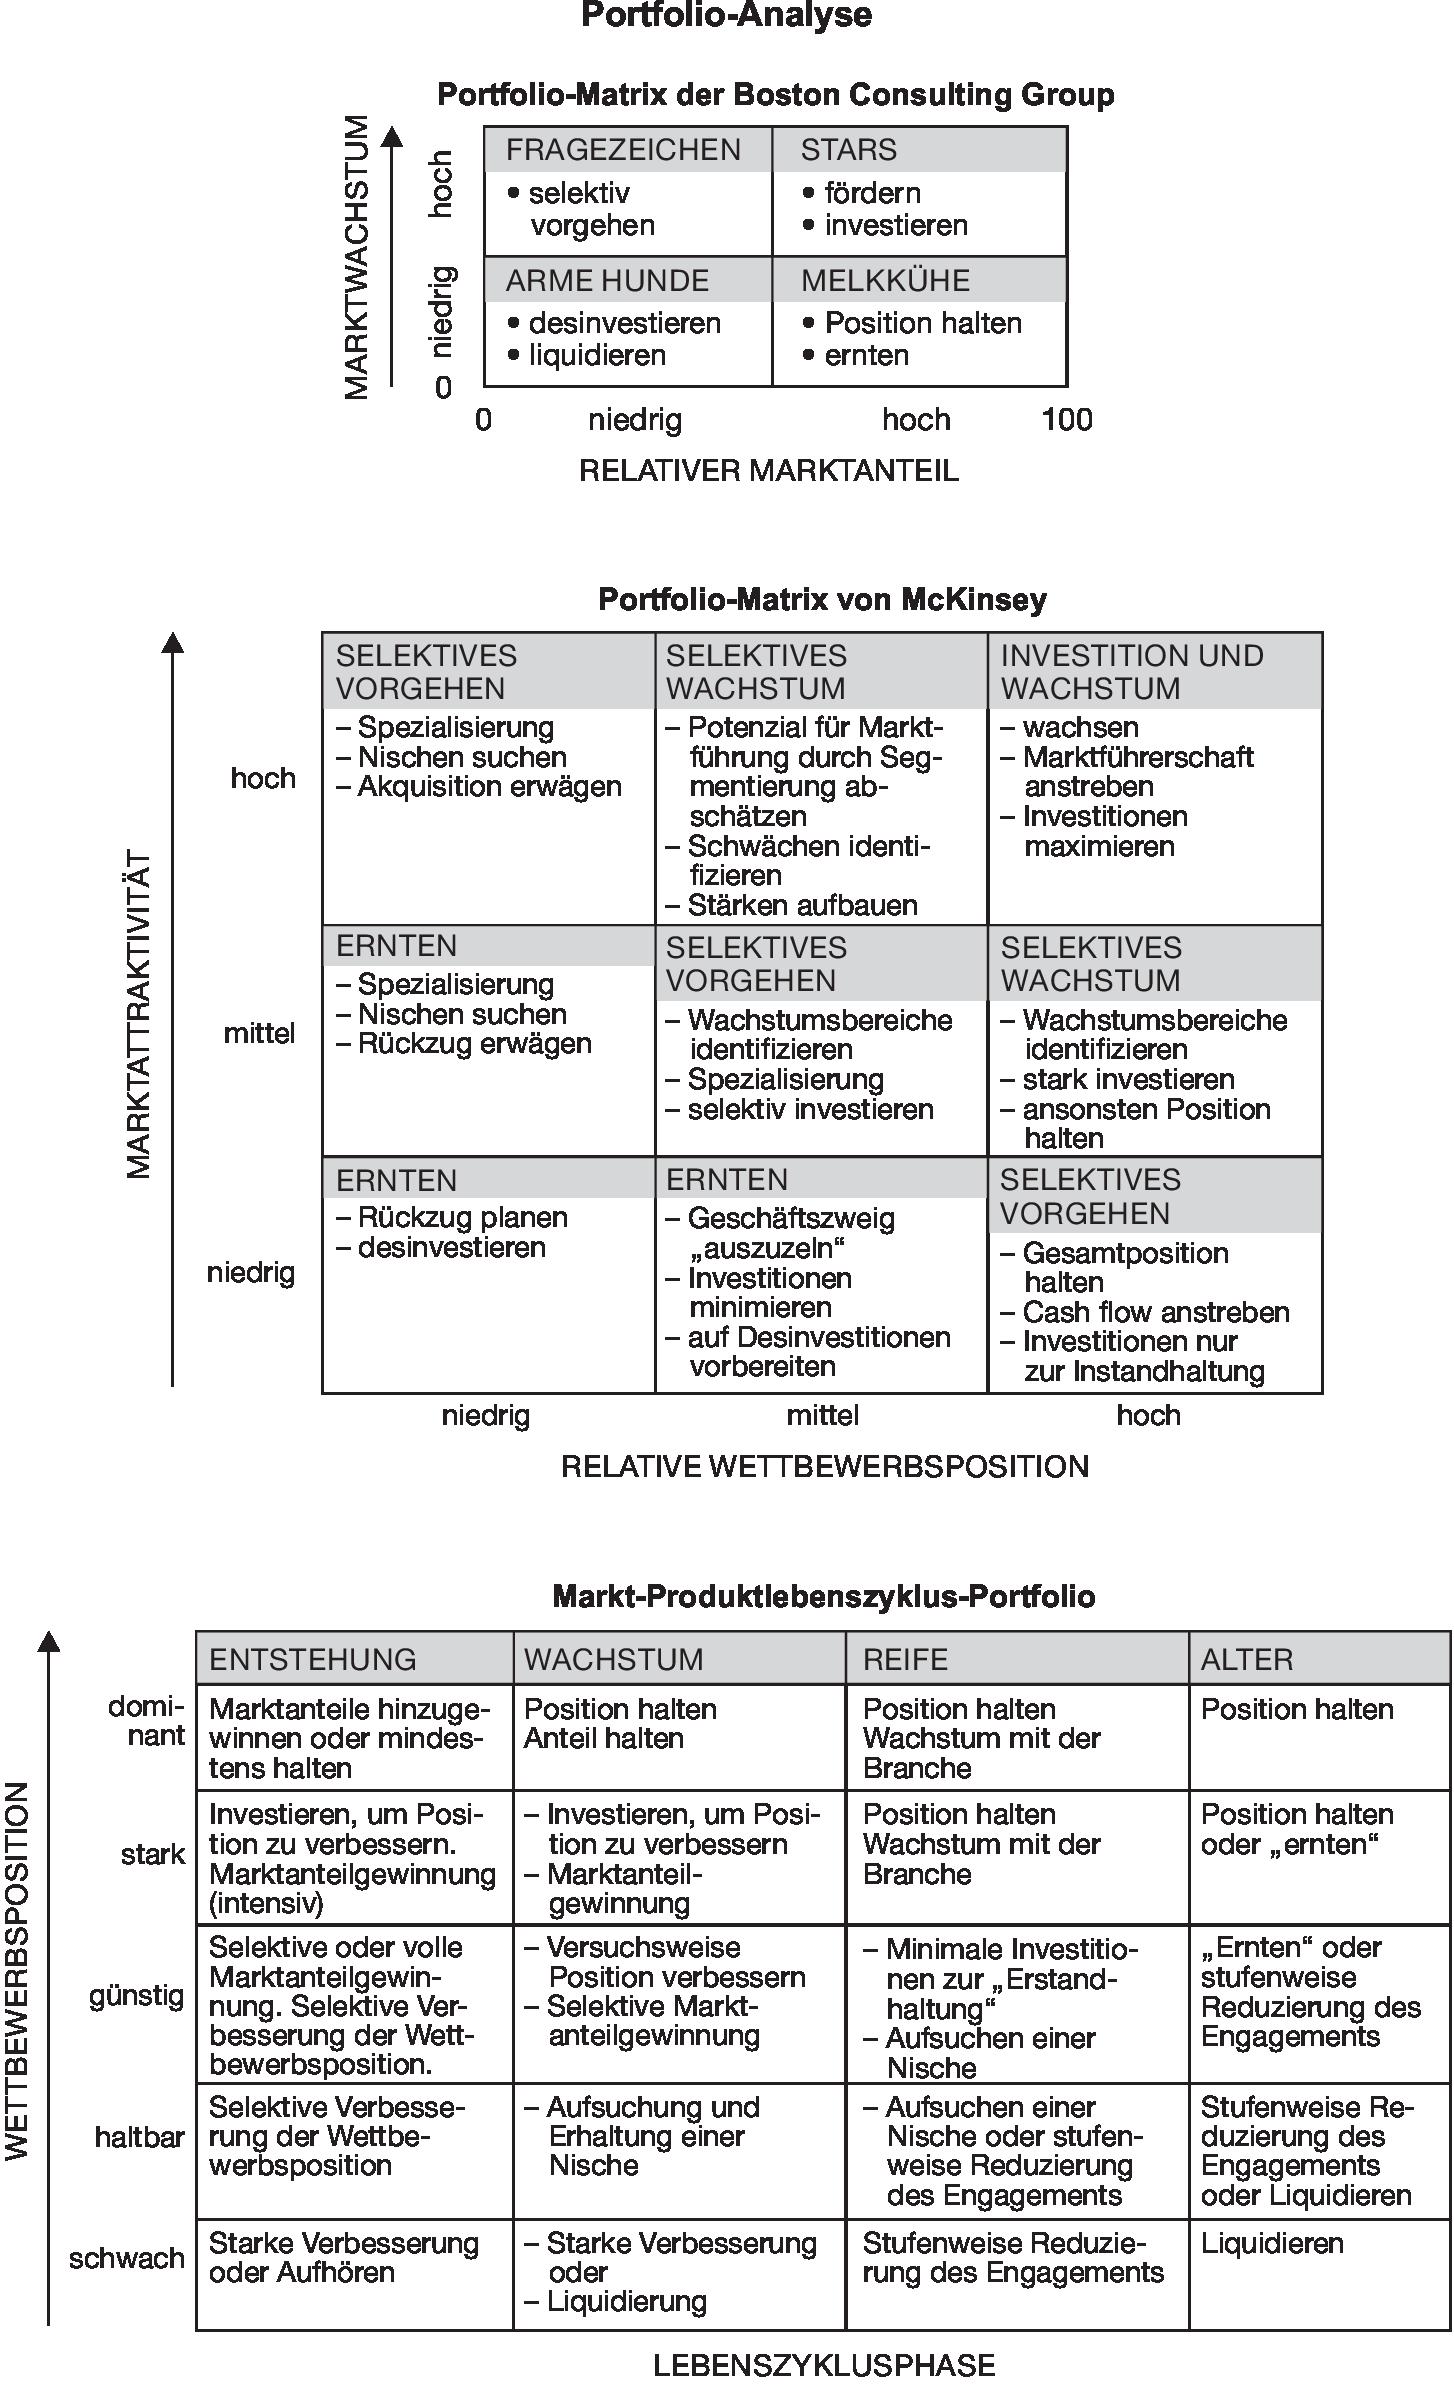 The Portfolio Of Eric Reber: Portfolio-Analyse • Definition